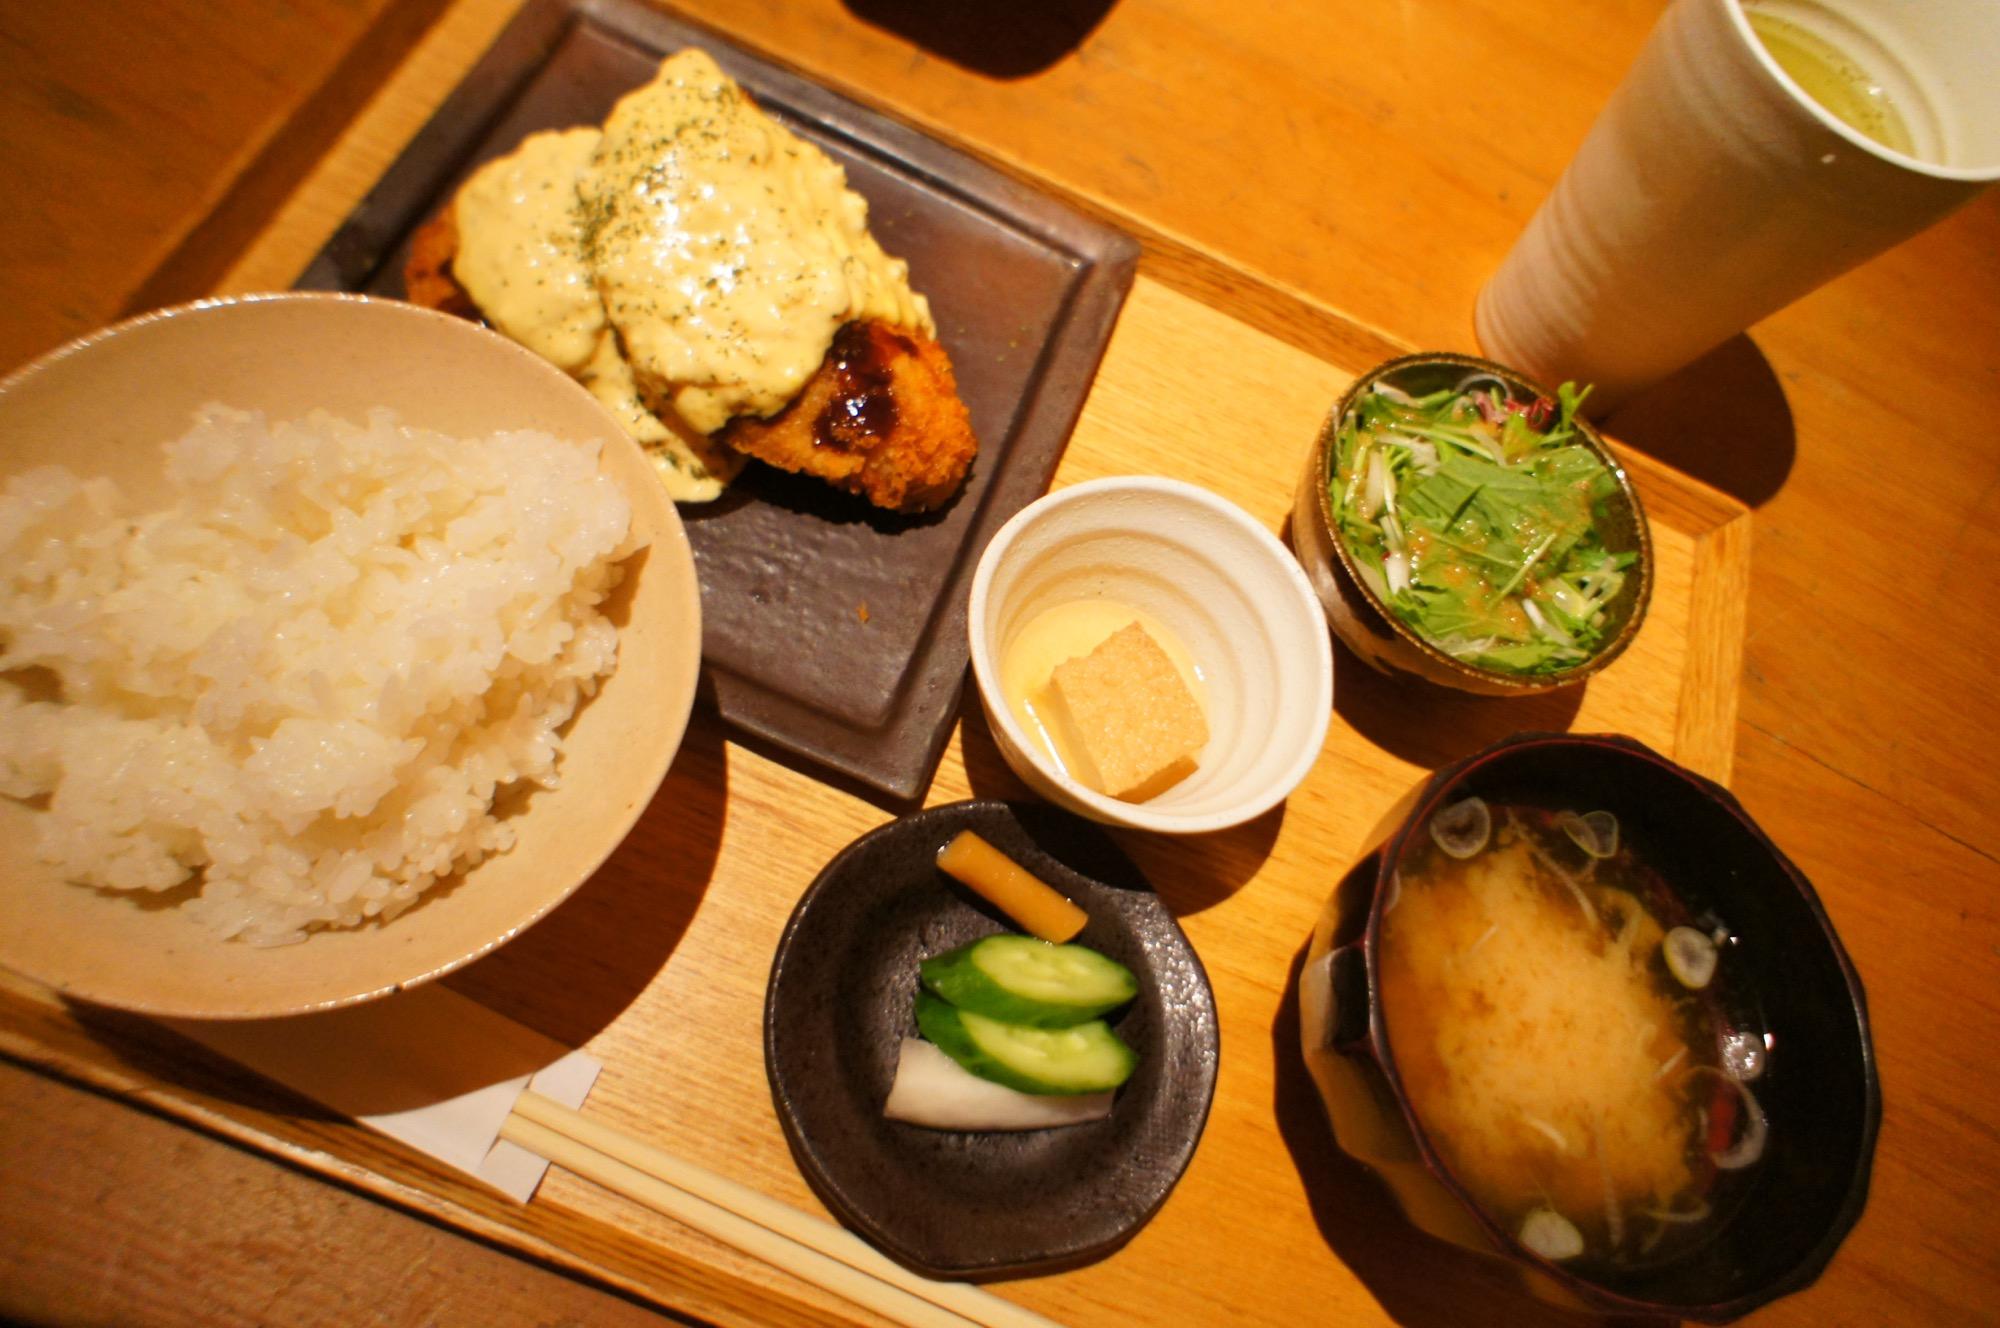 《ご当地MORE✩東京》行列必至!【代官山】の『ごはんや 一芯』で絶品和食ランチ❤️_7